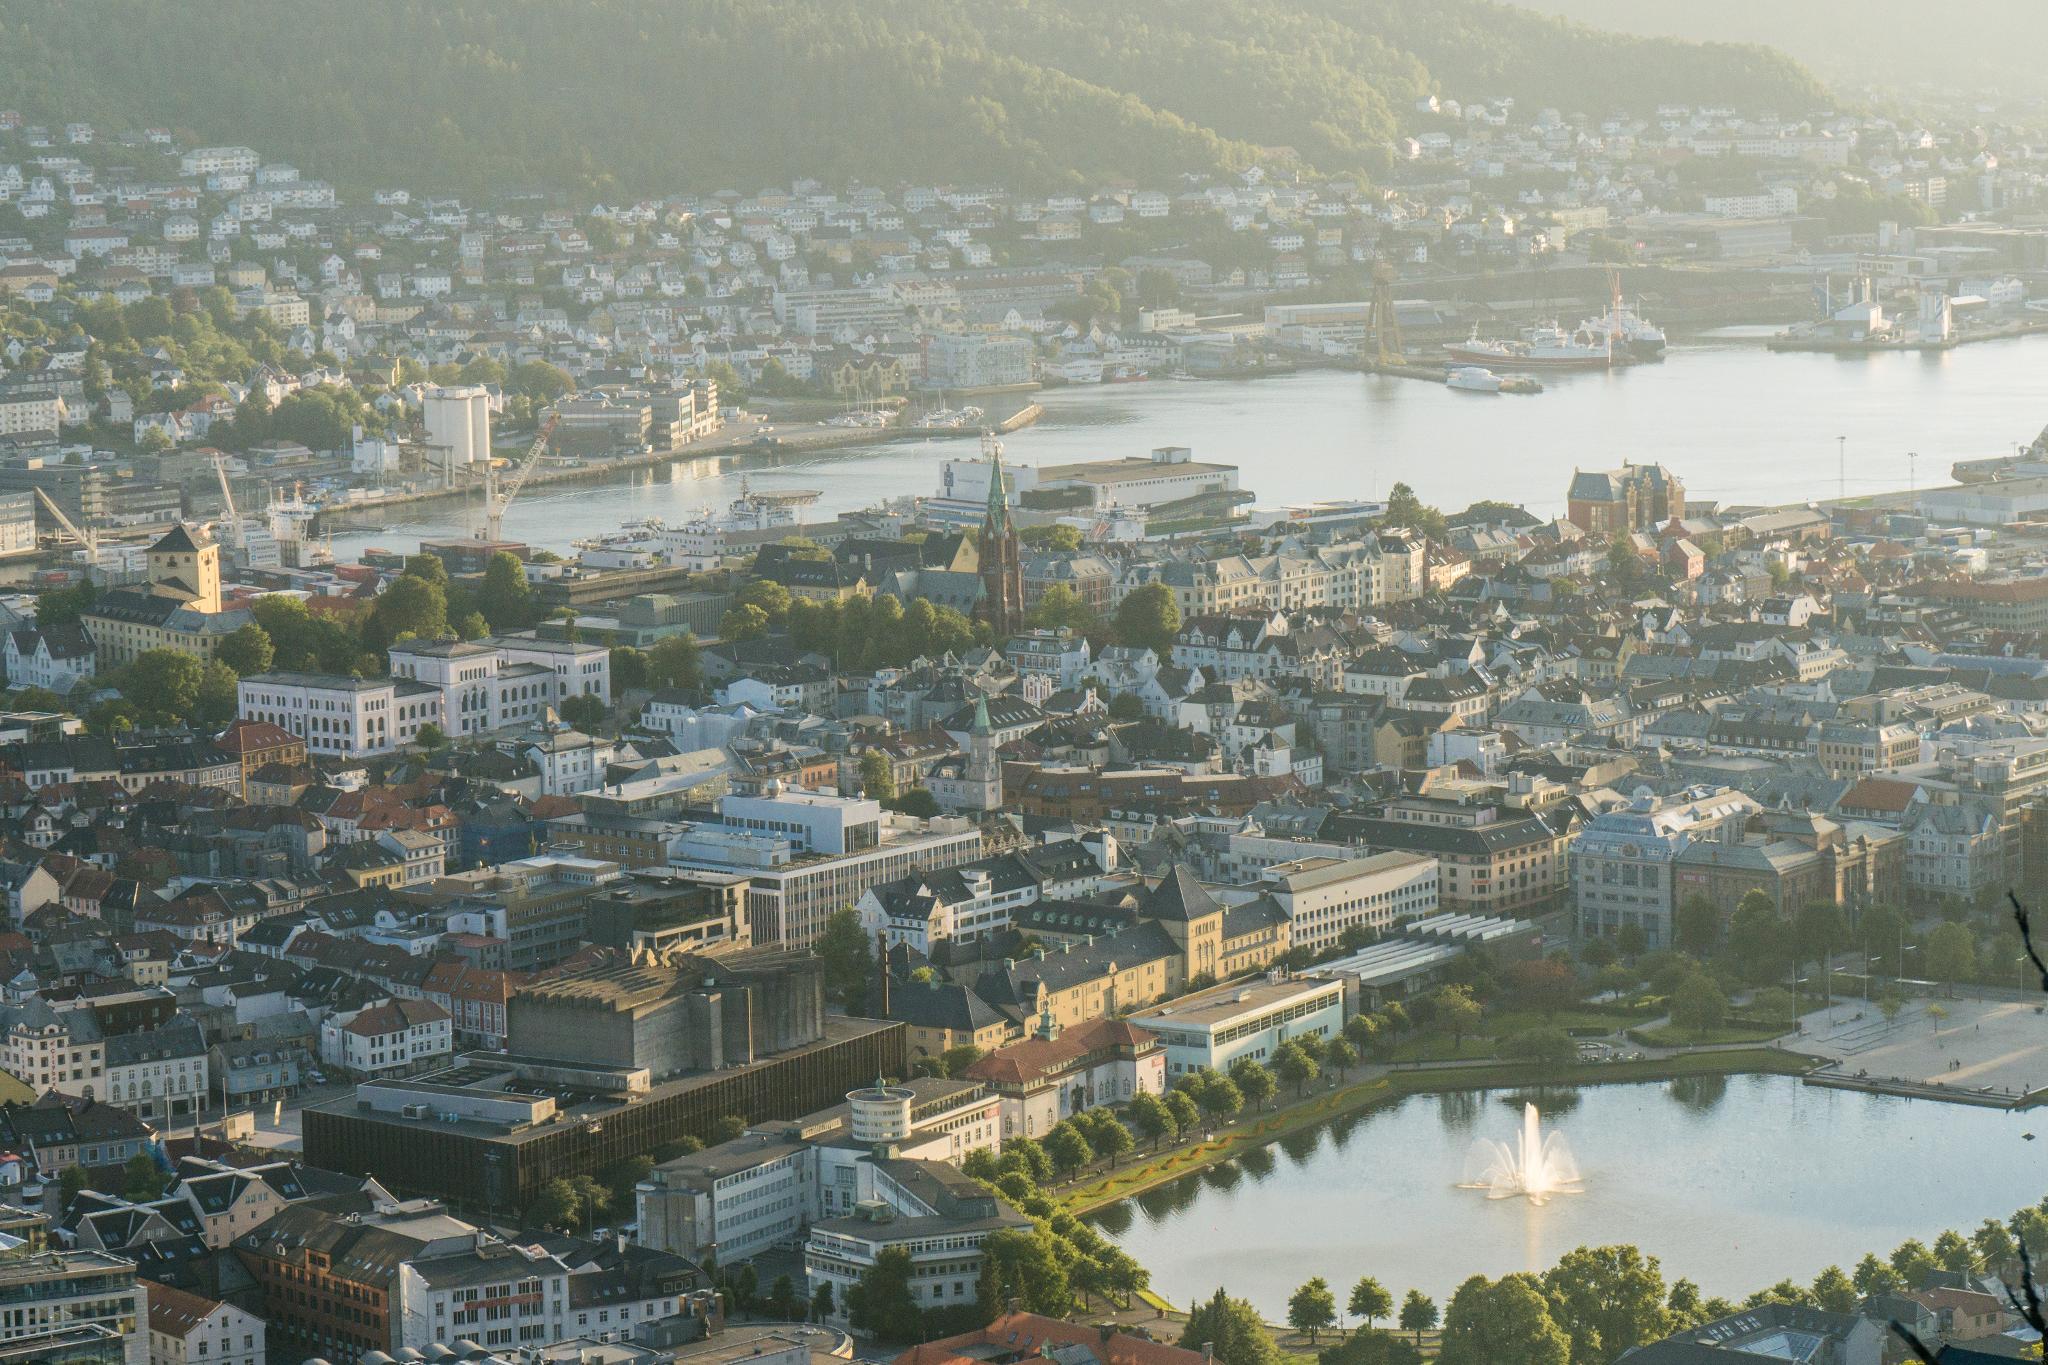 【卑爾根】Fløyen 佛洛伊恩山纜車與觀景台 — 擁抱文化港都的百萬美景 101